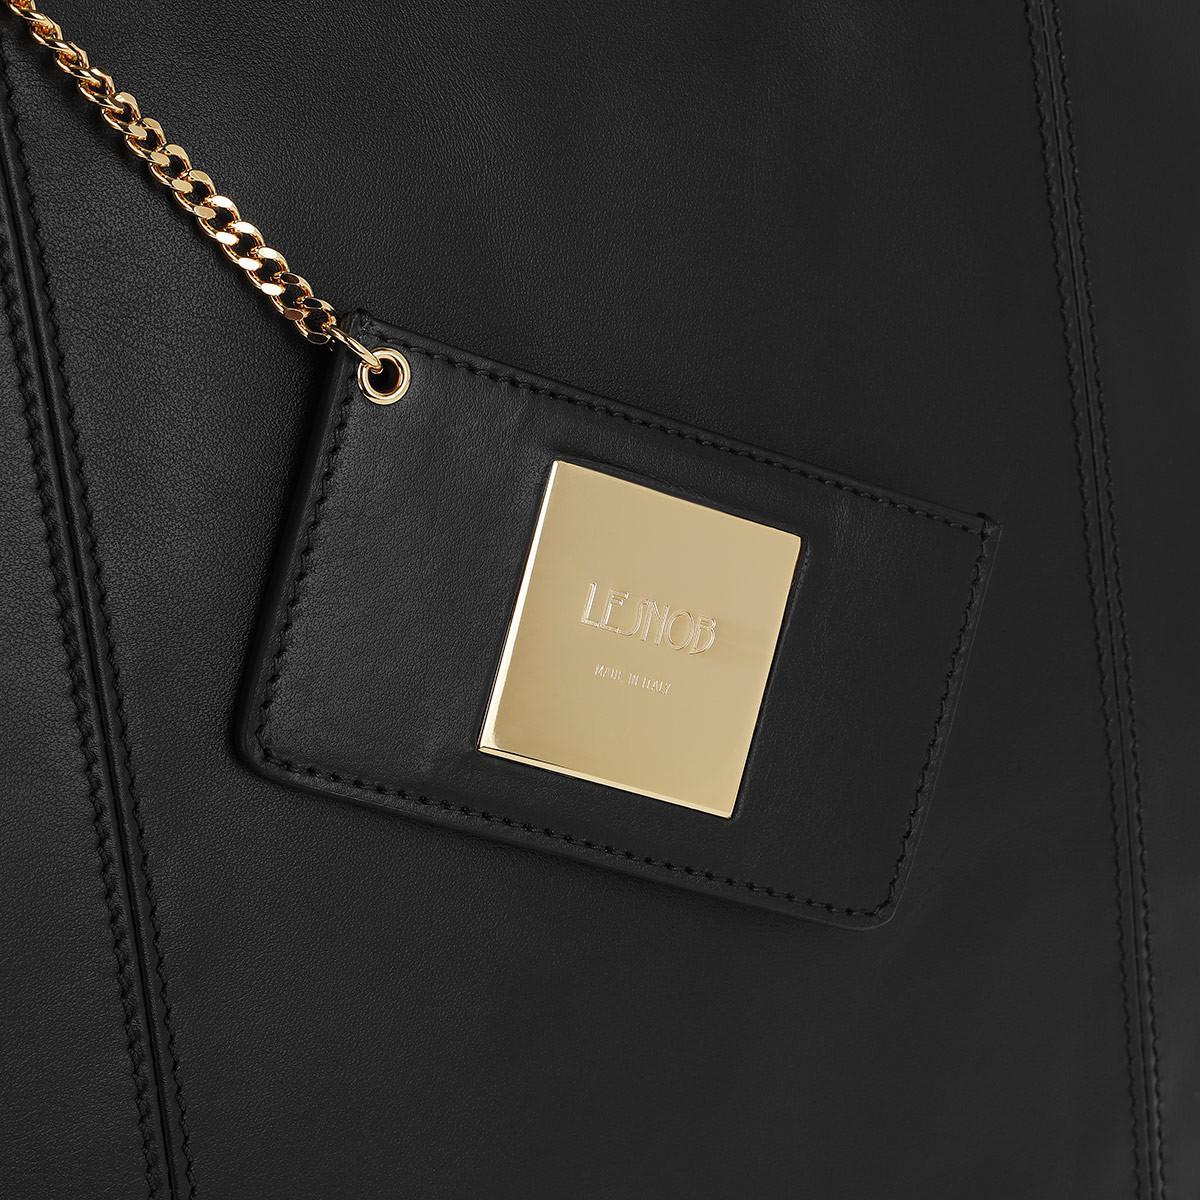 Le Snob Leather Le Tote Small Black